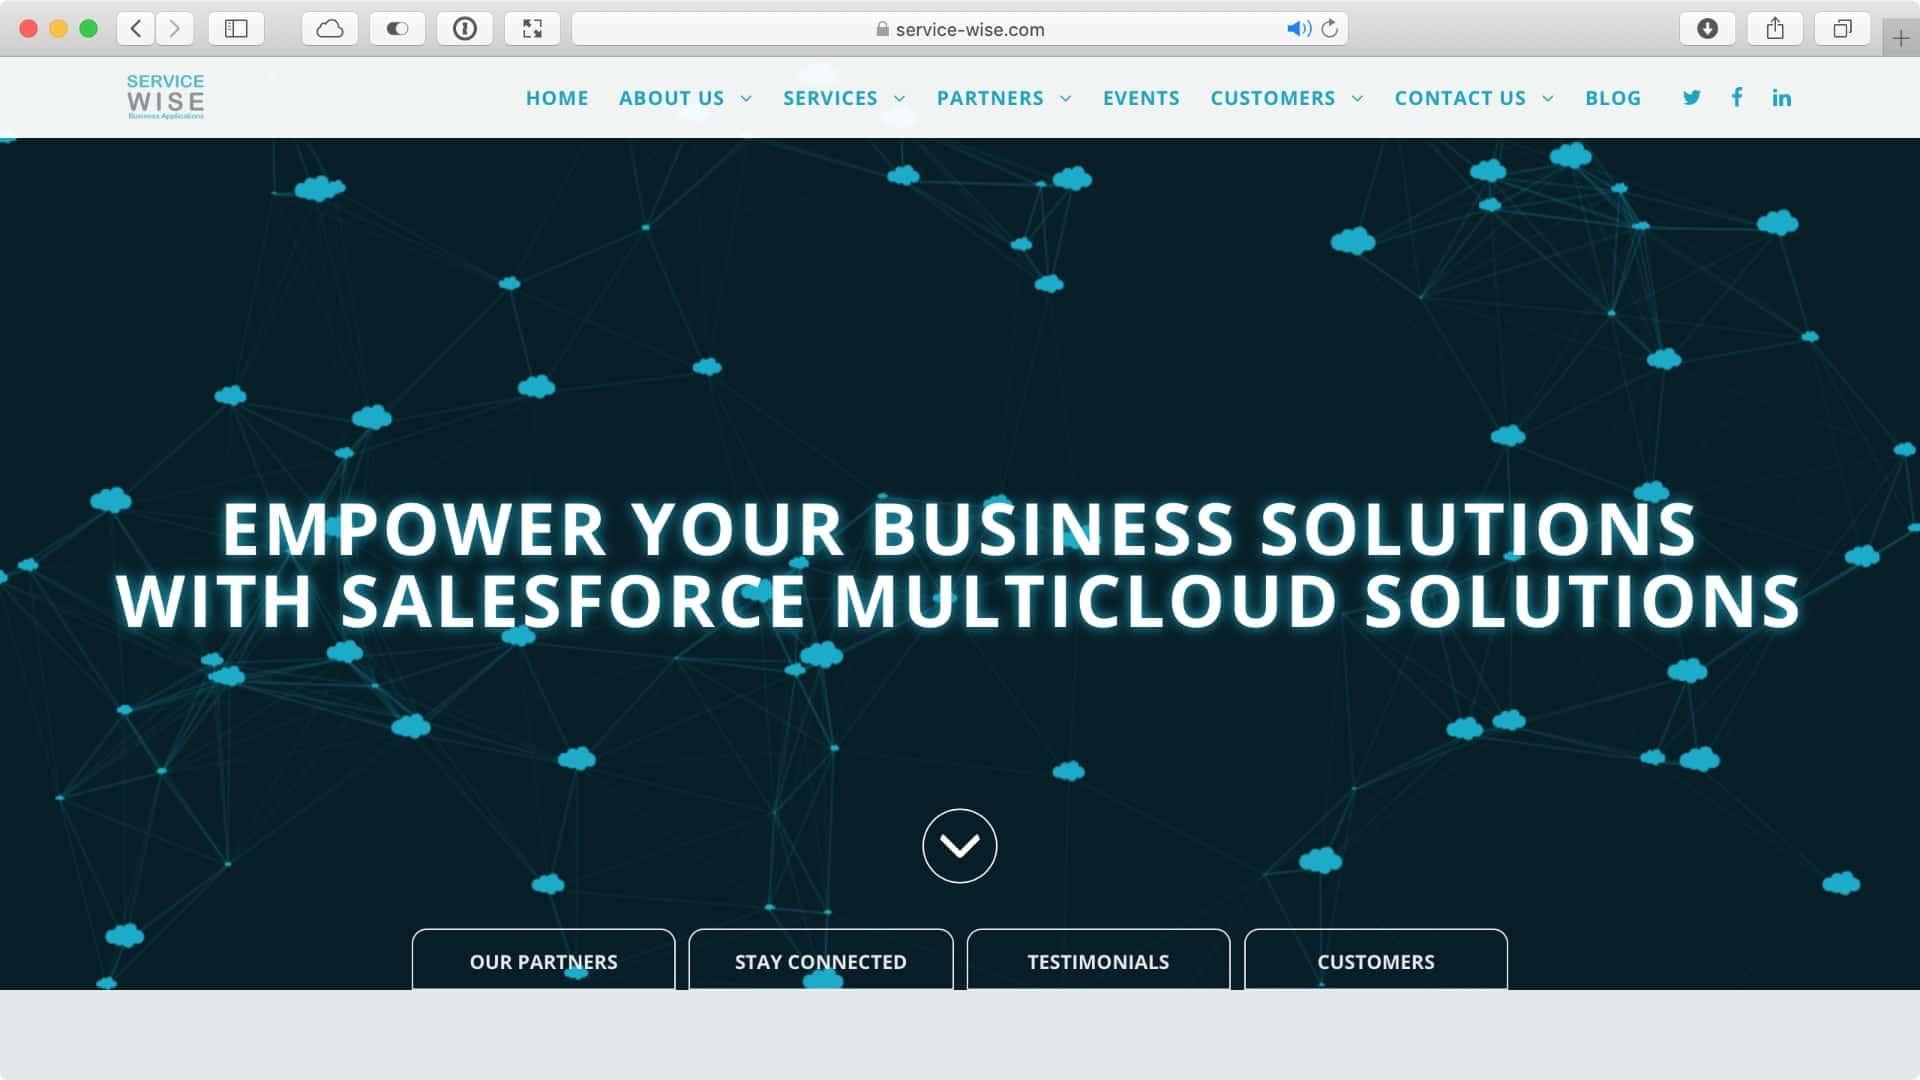 דף הבית של ServiceWise